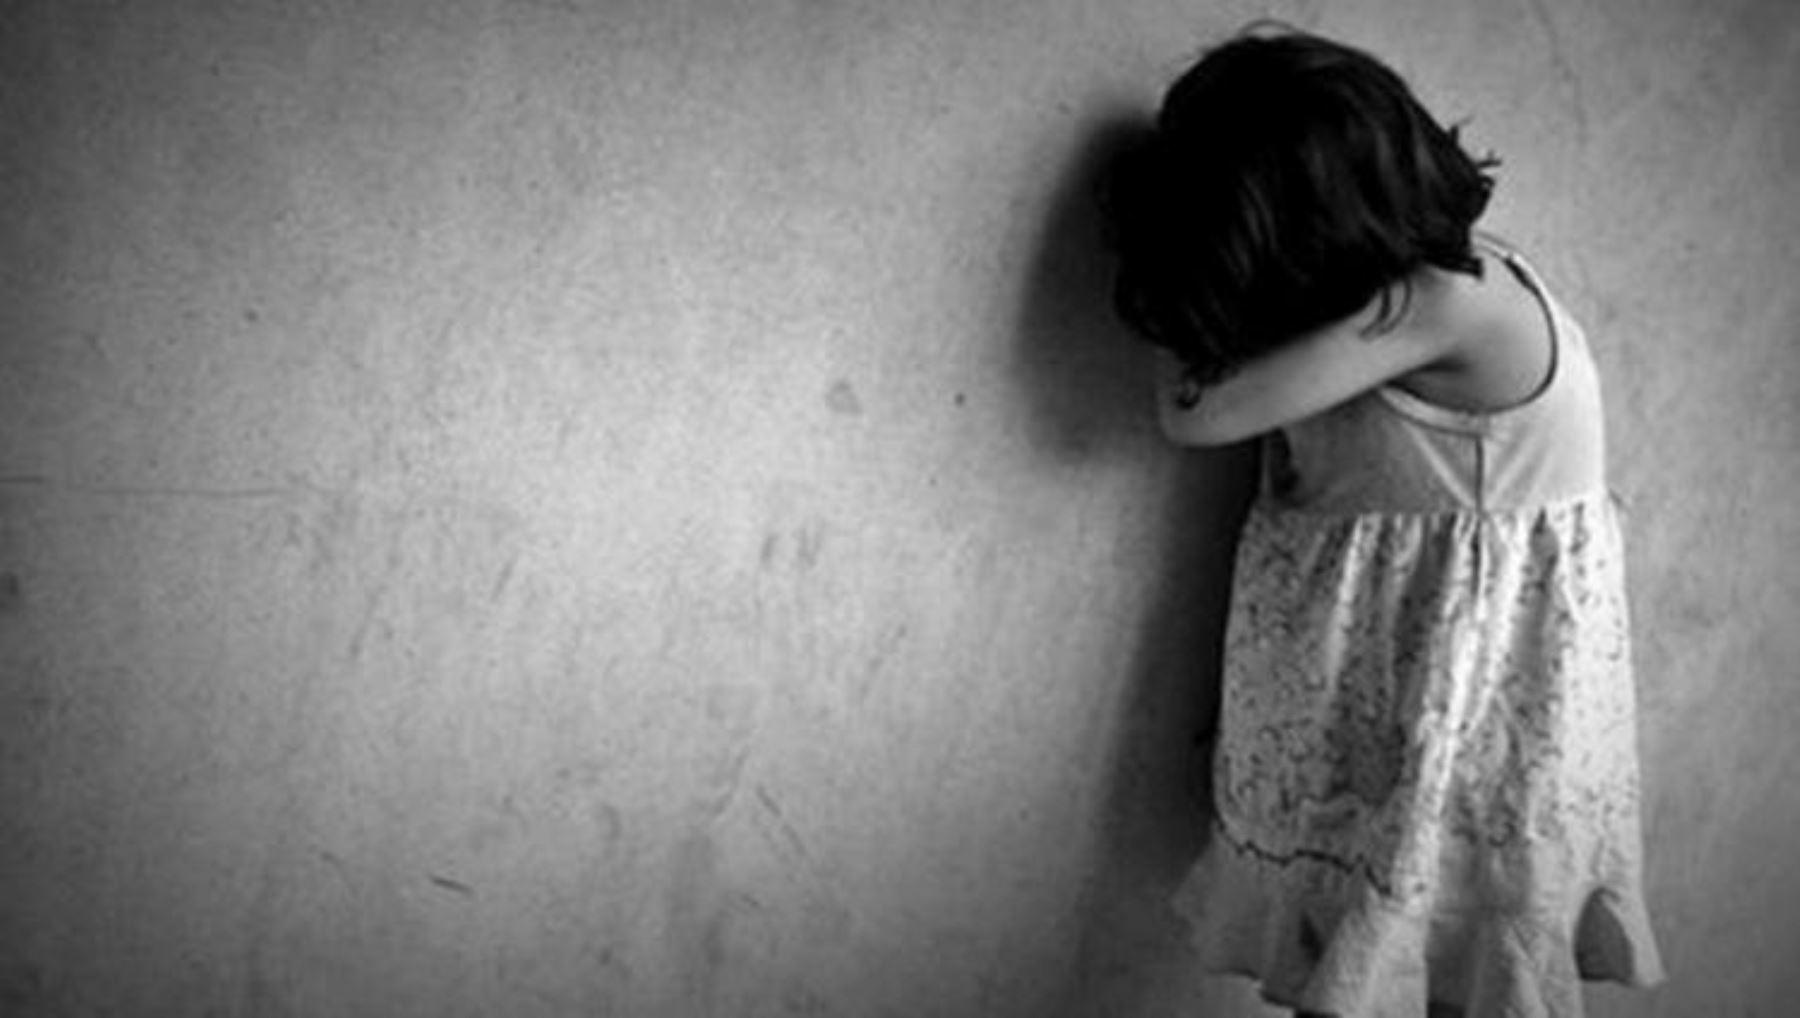 Cientos de menores sufrieron abusos en instituciones religiosas y estatales de Irlanda del Norte